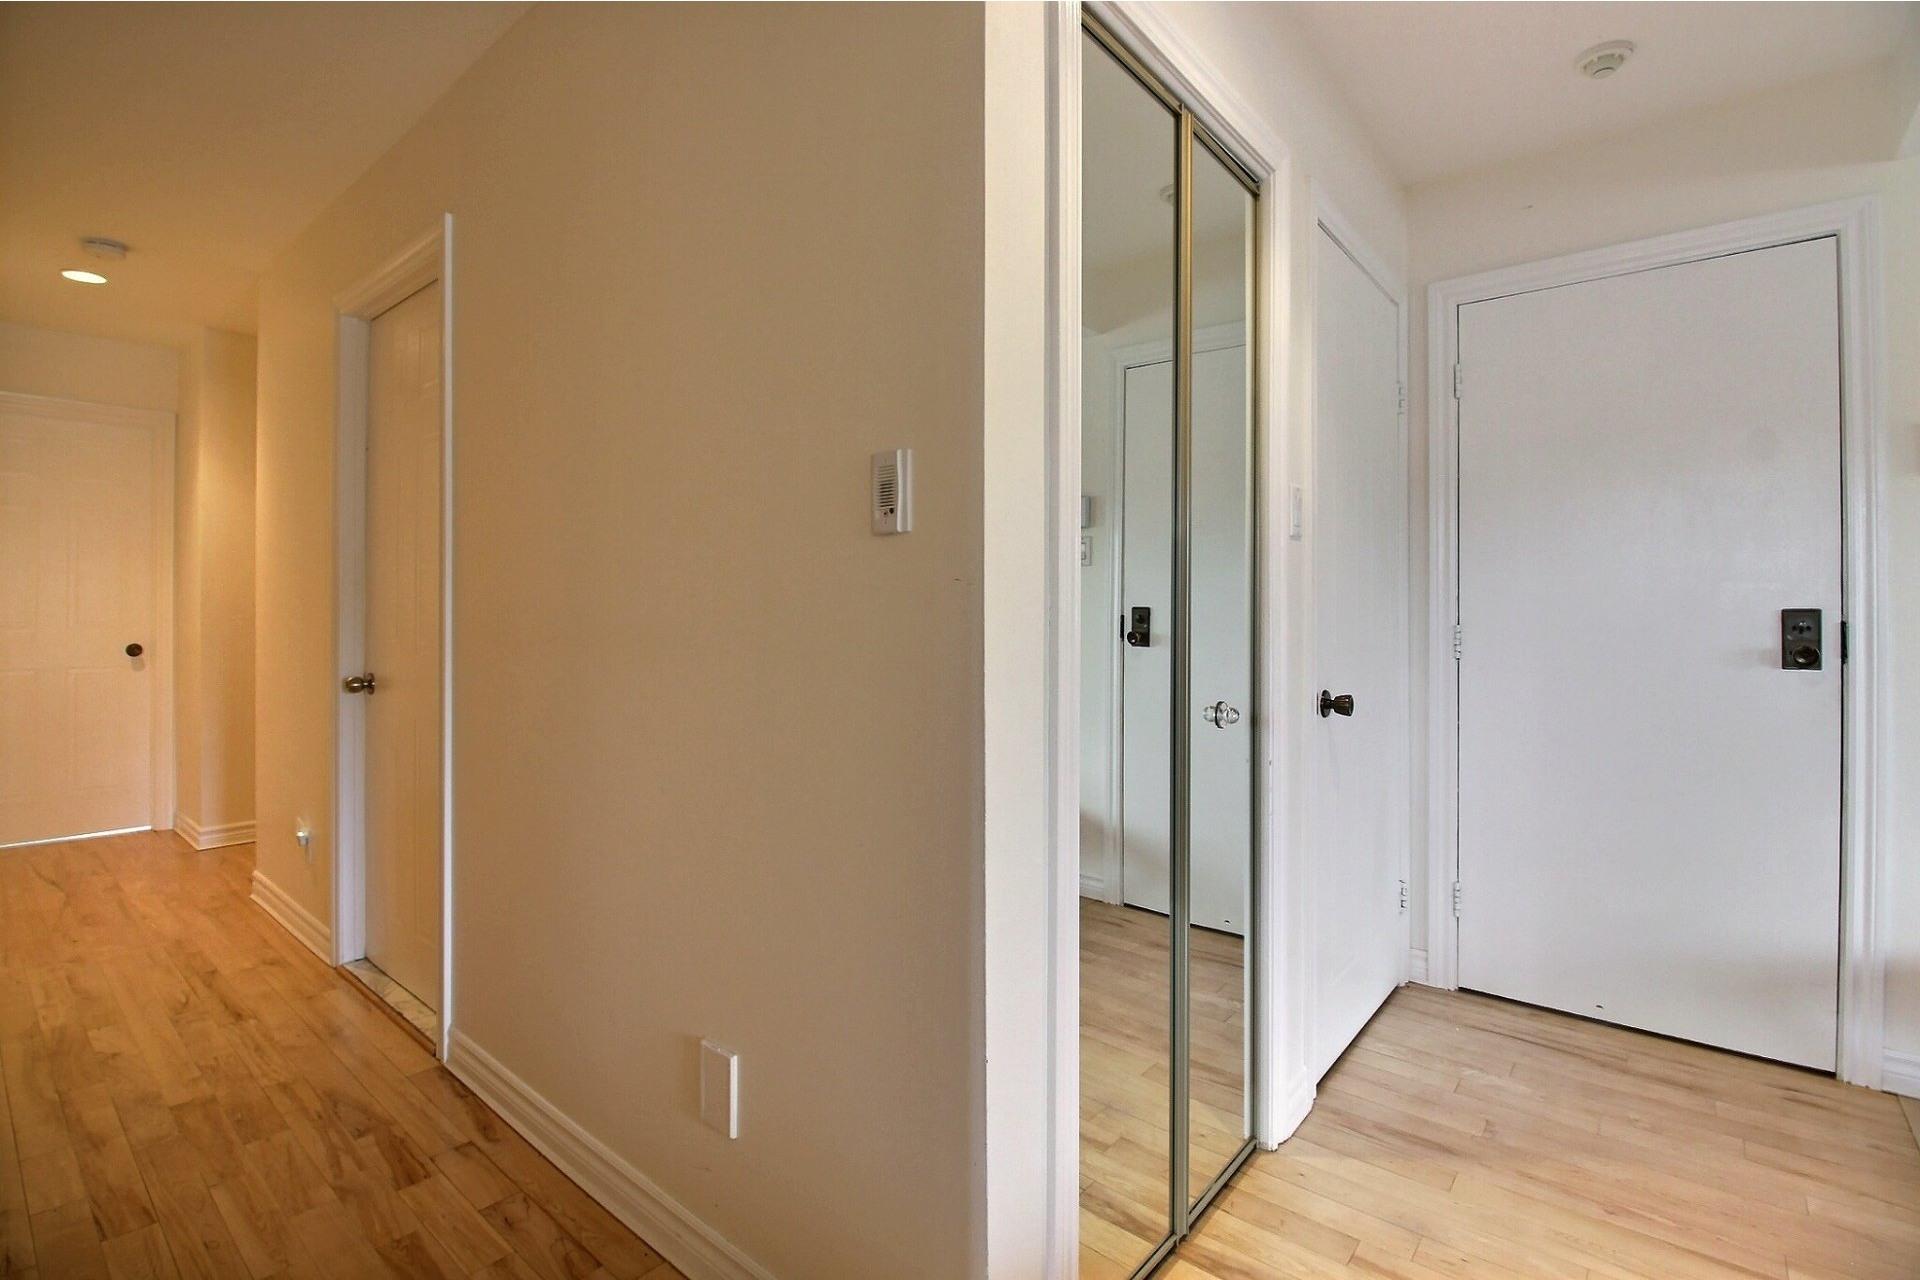 image 11 - Appartement À vendre Rivière-des-Prairies/Pointe-aux-Trembles Montréal  - 5 pièces